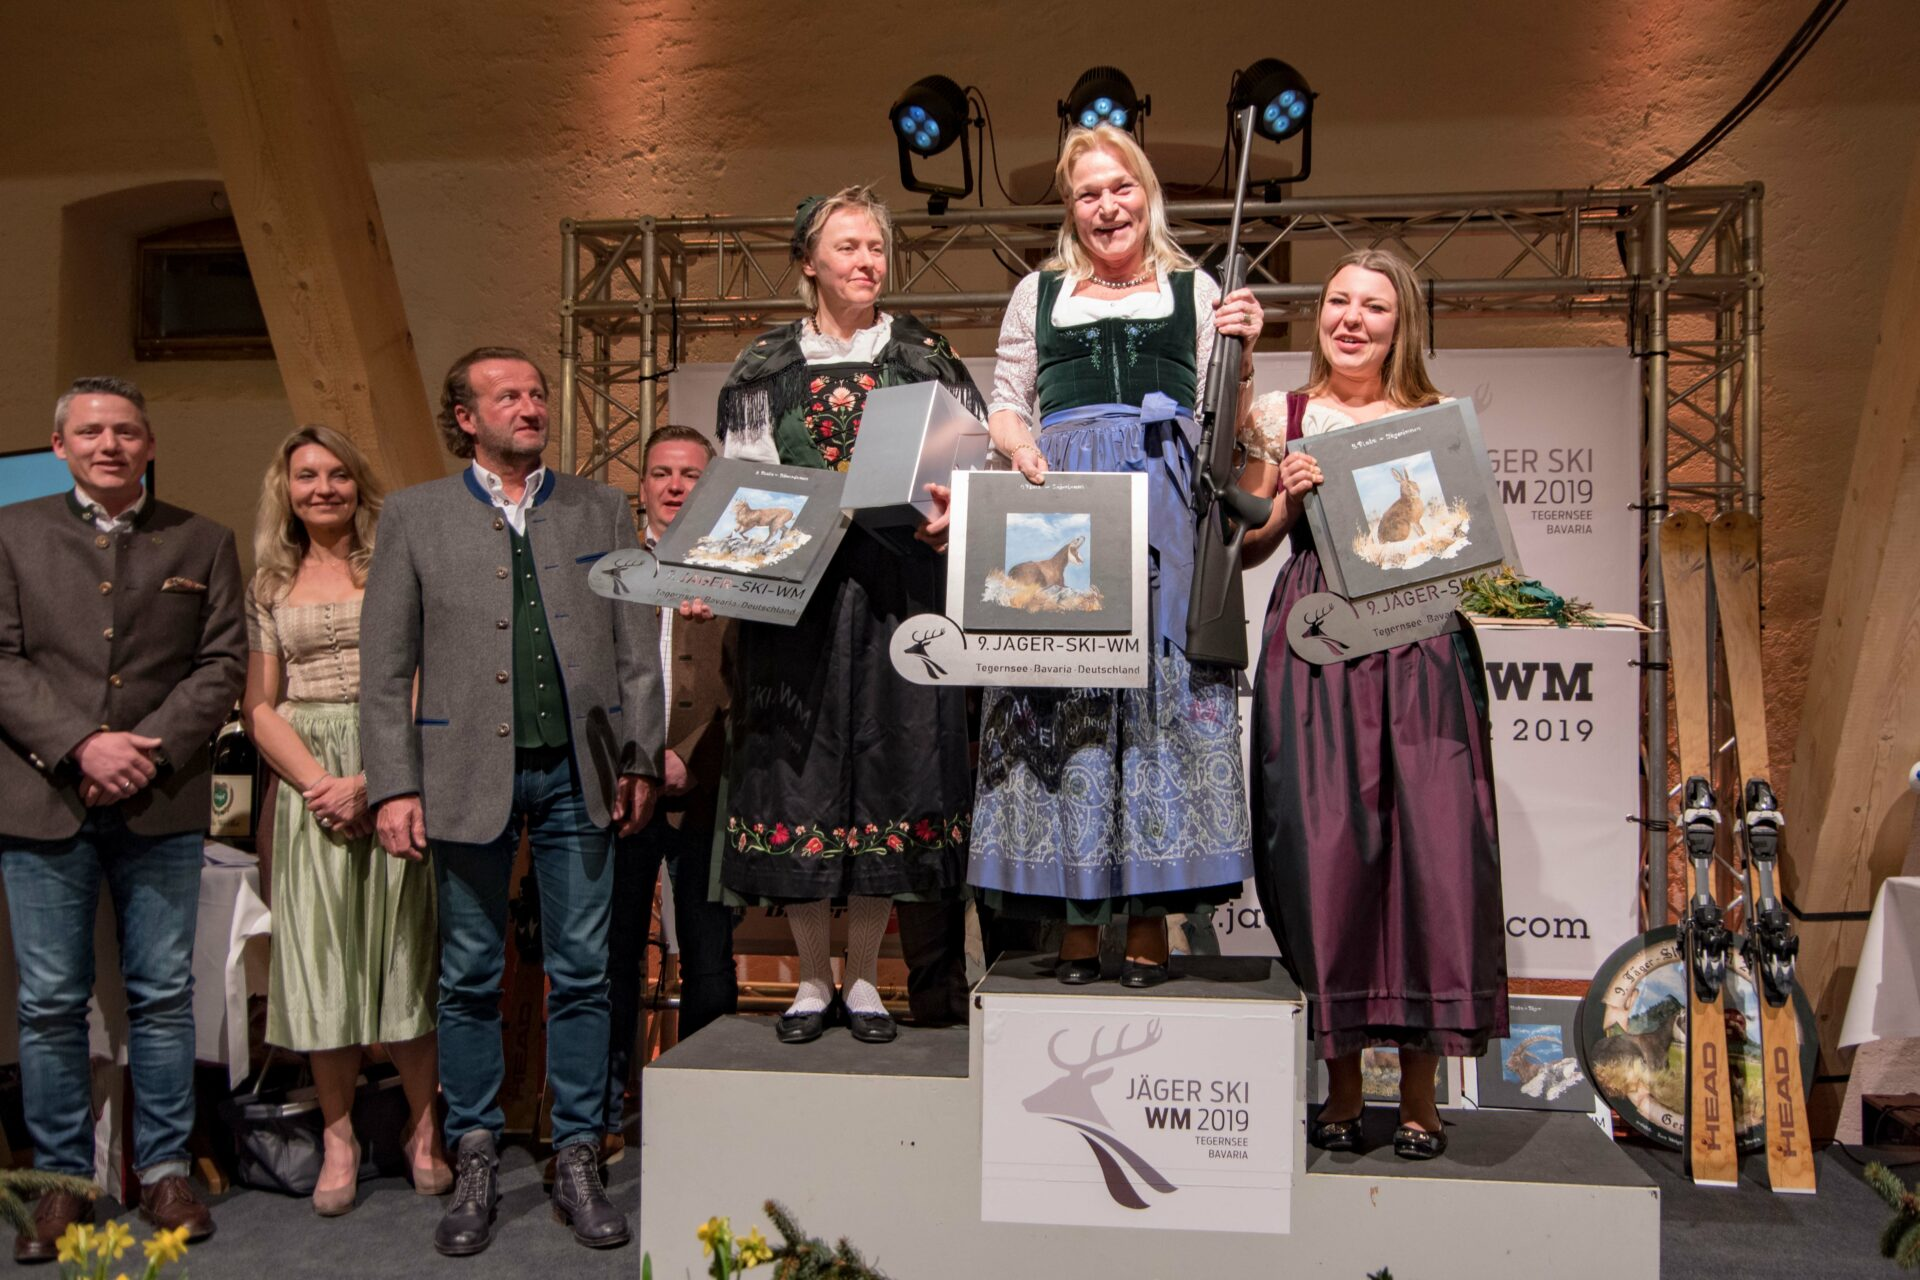 Jäger-Ski-Weltmeisterschaft: Bayerische Jägerinnen vorne - WILD UND HUND